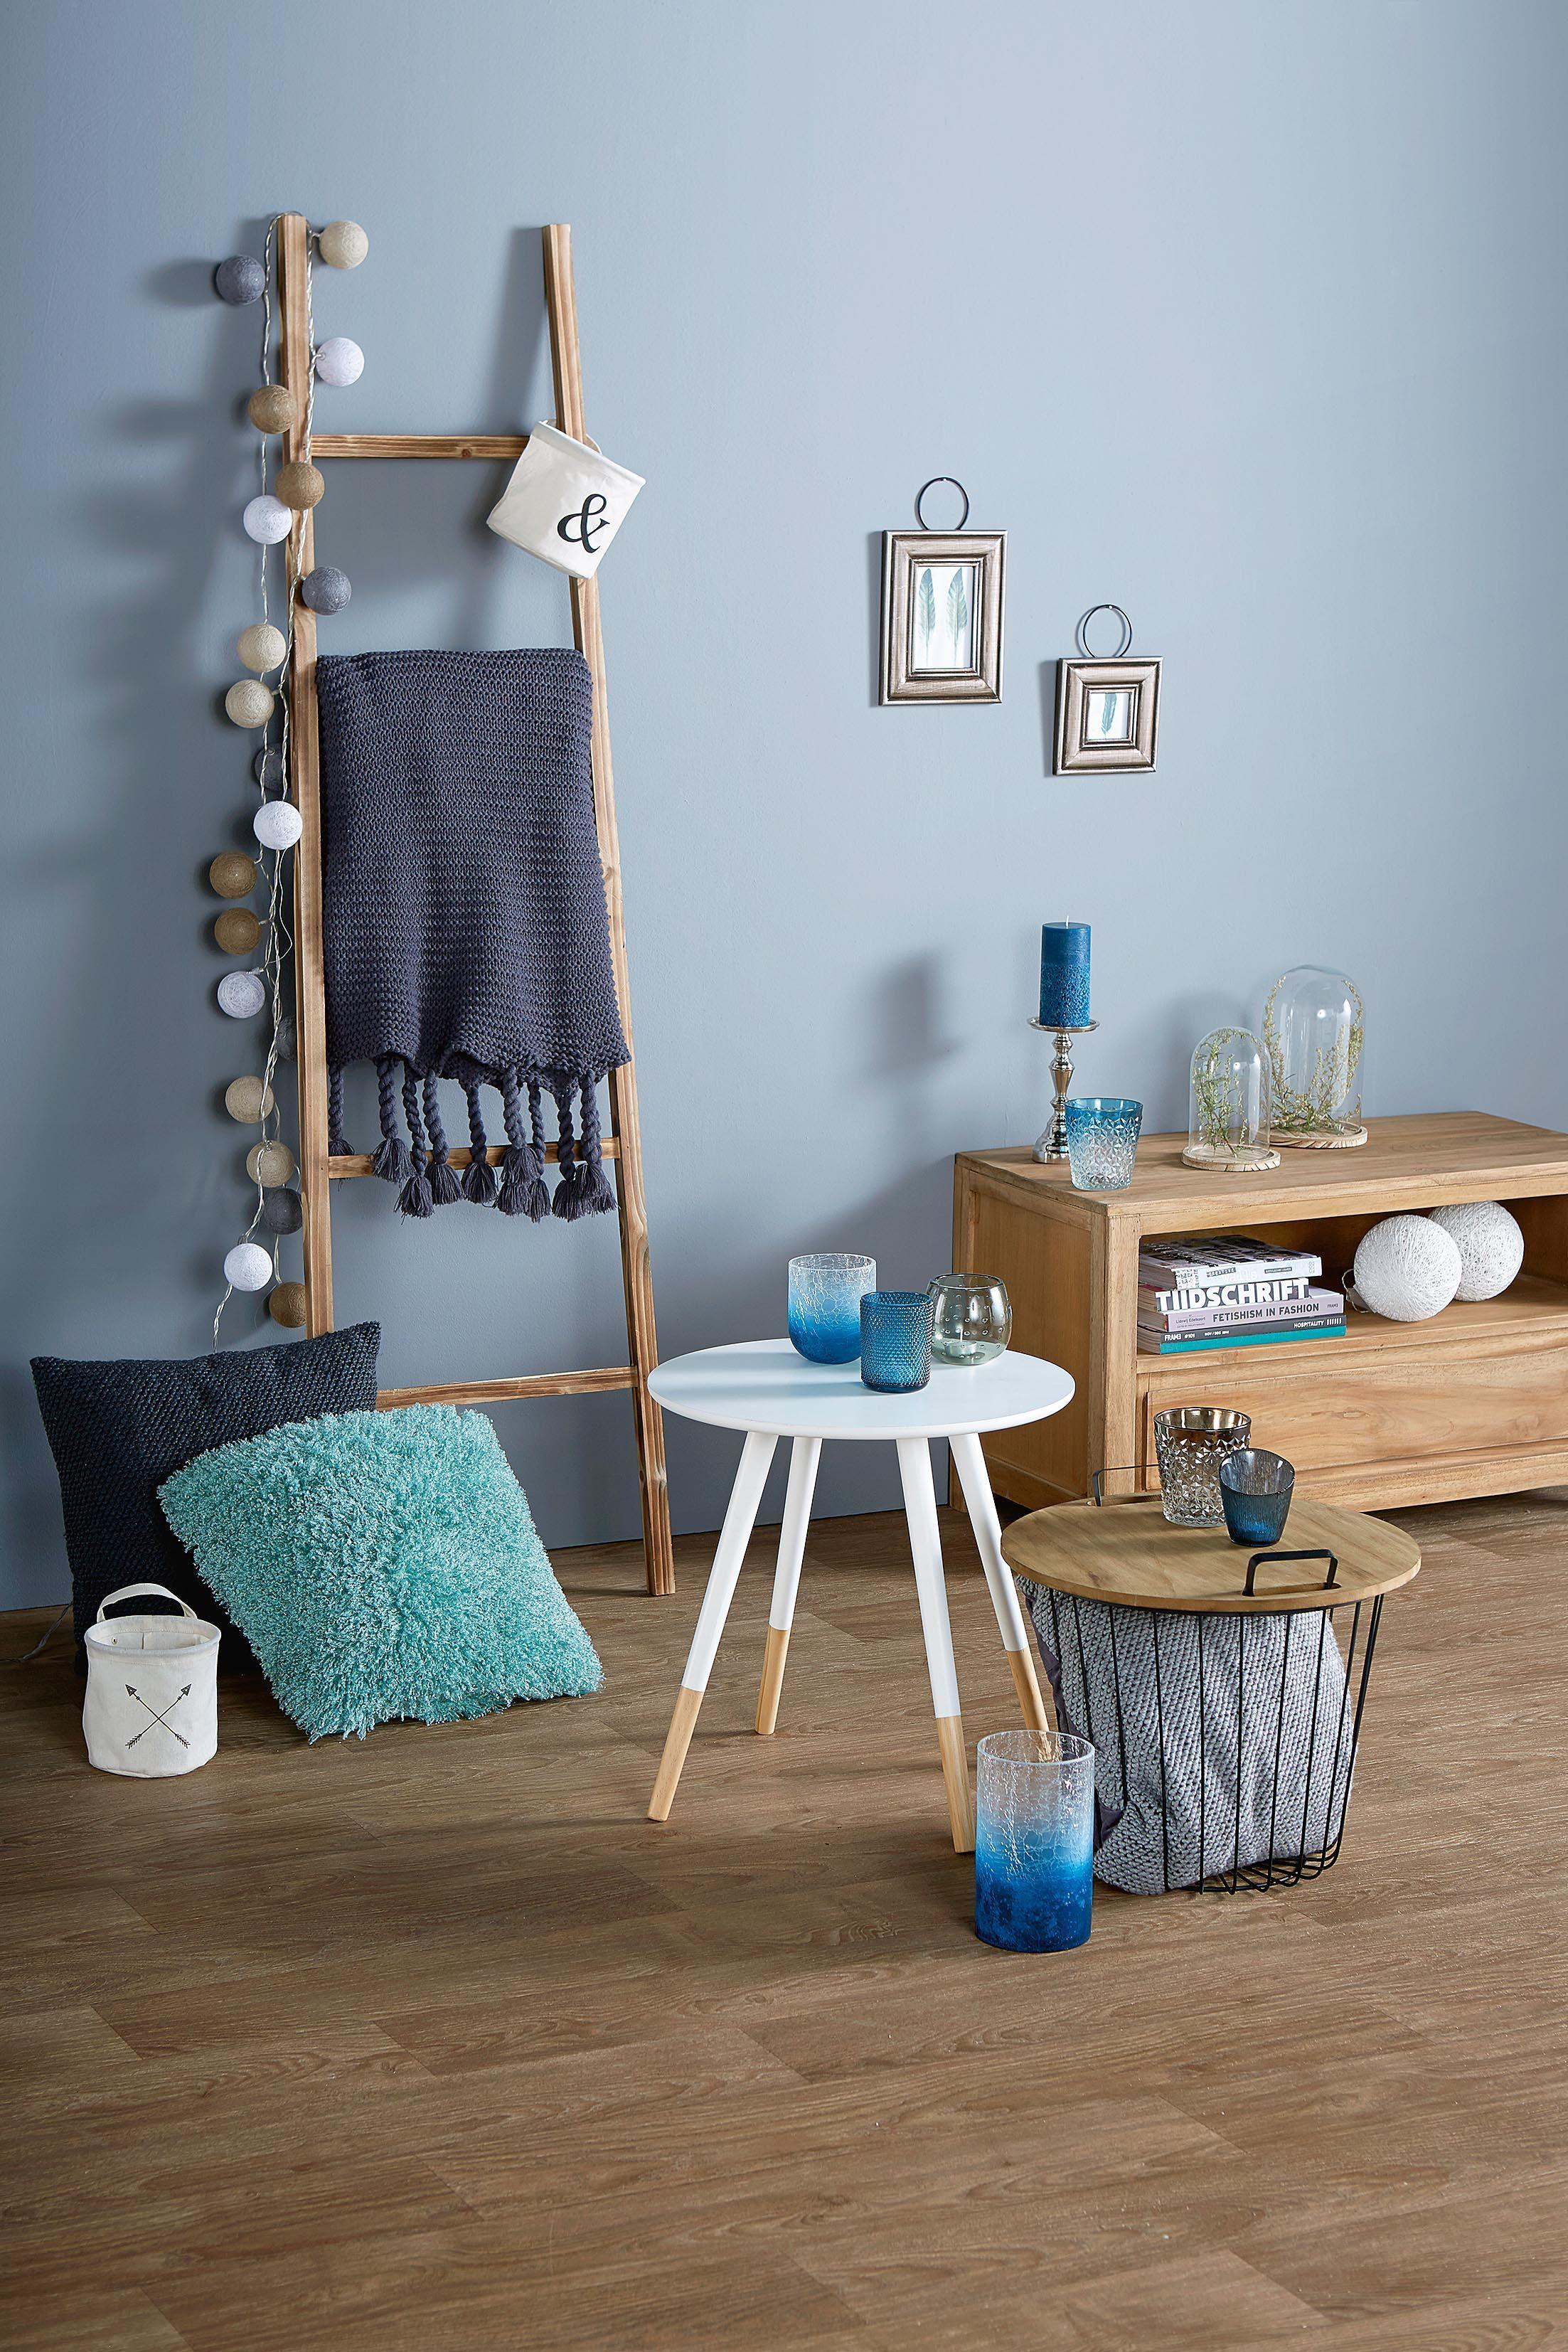 Maak Het Gezellig In Huis Petrol Cotton Lichtslinger Kussens Thuisdecoratie Babykamer Accessoires Interieur